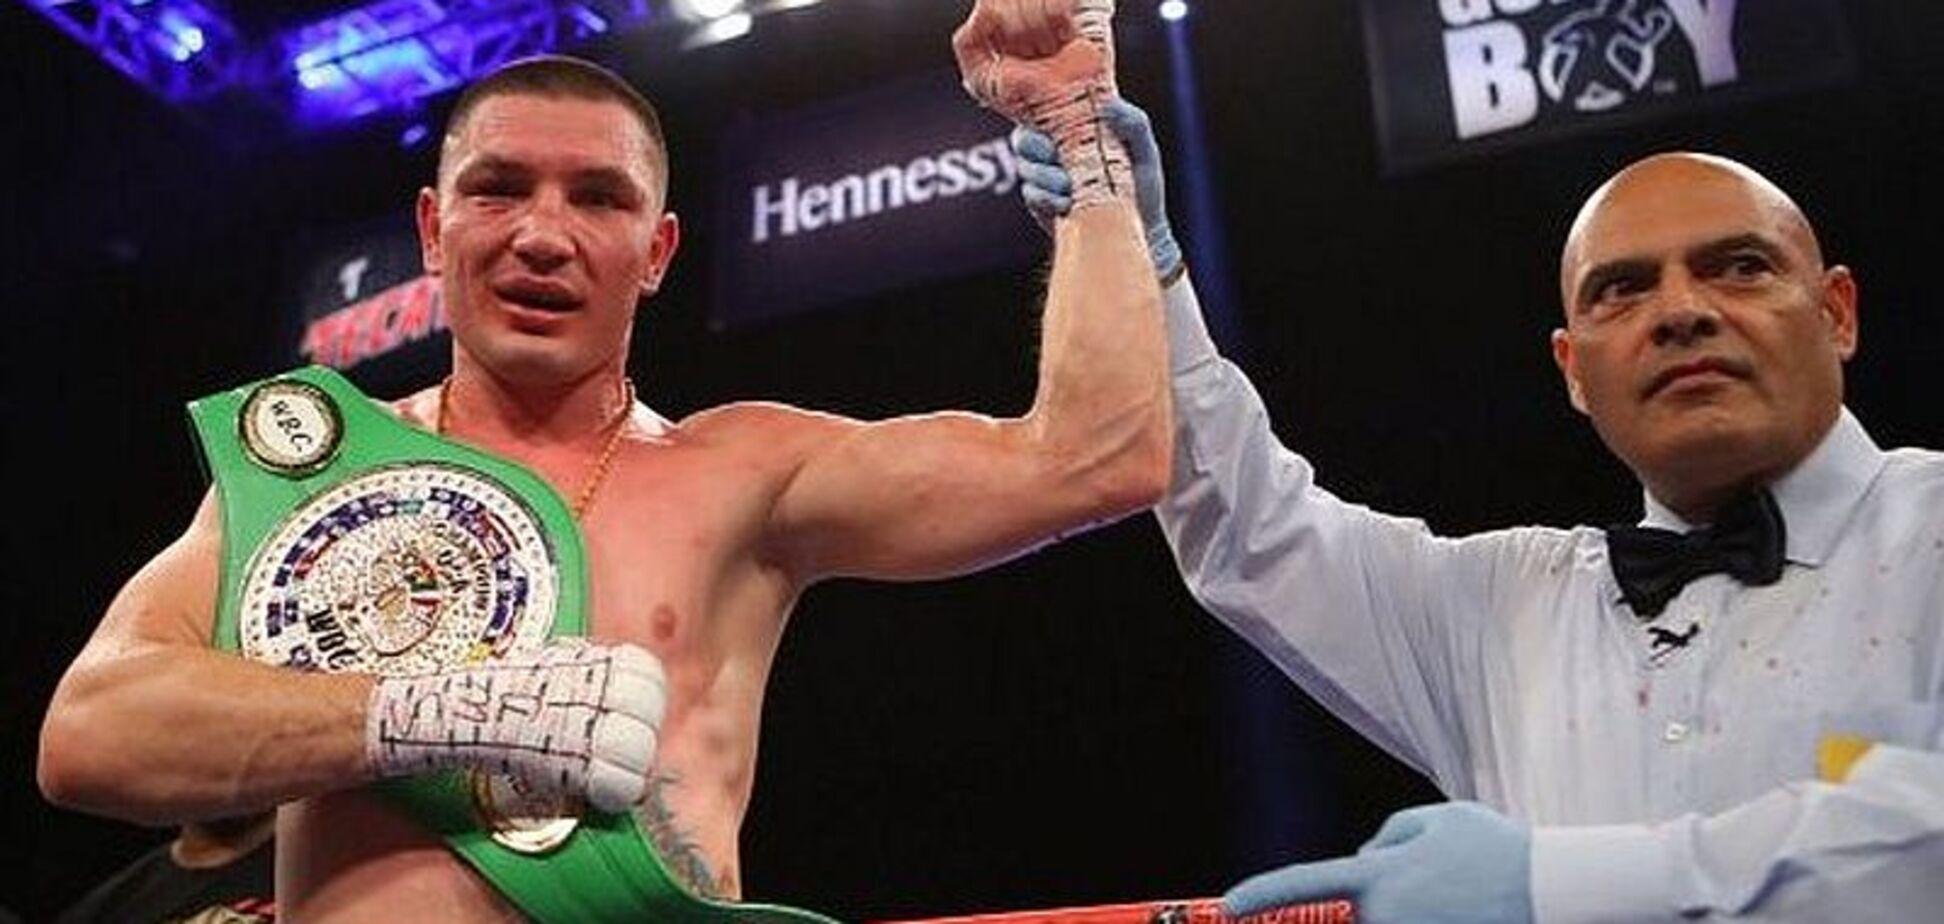 Офіційно. Відомий український боксер проведе чемпіонський бій із найкращим бійцем Росії